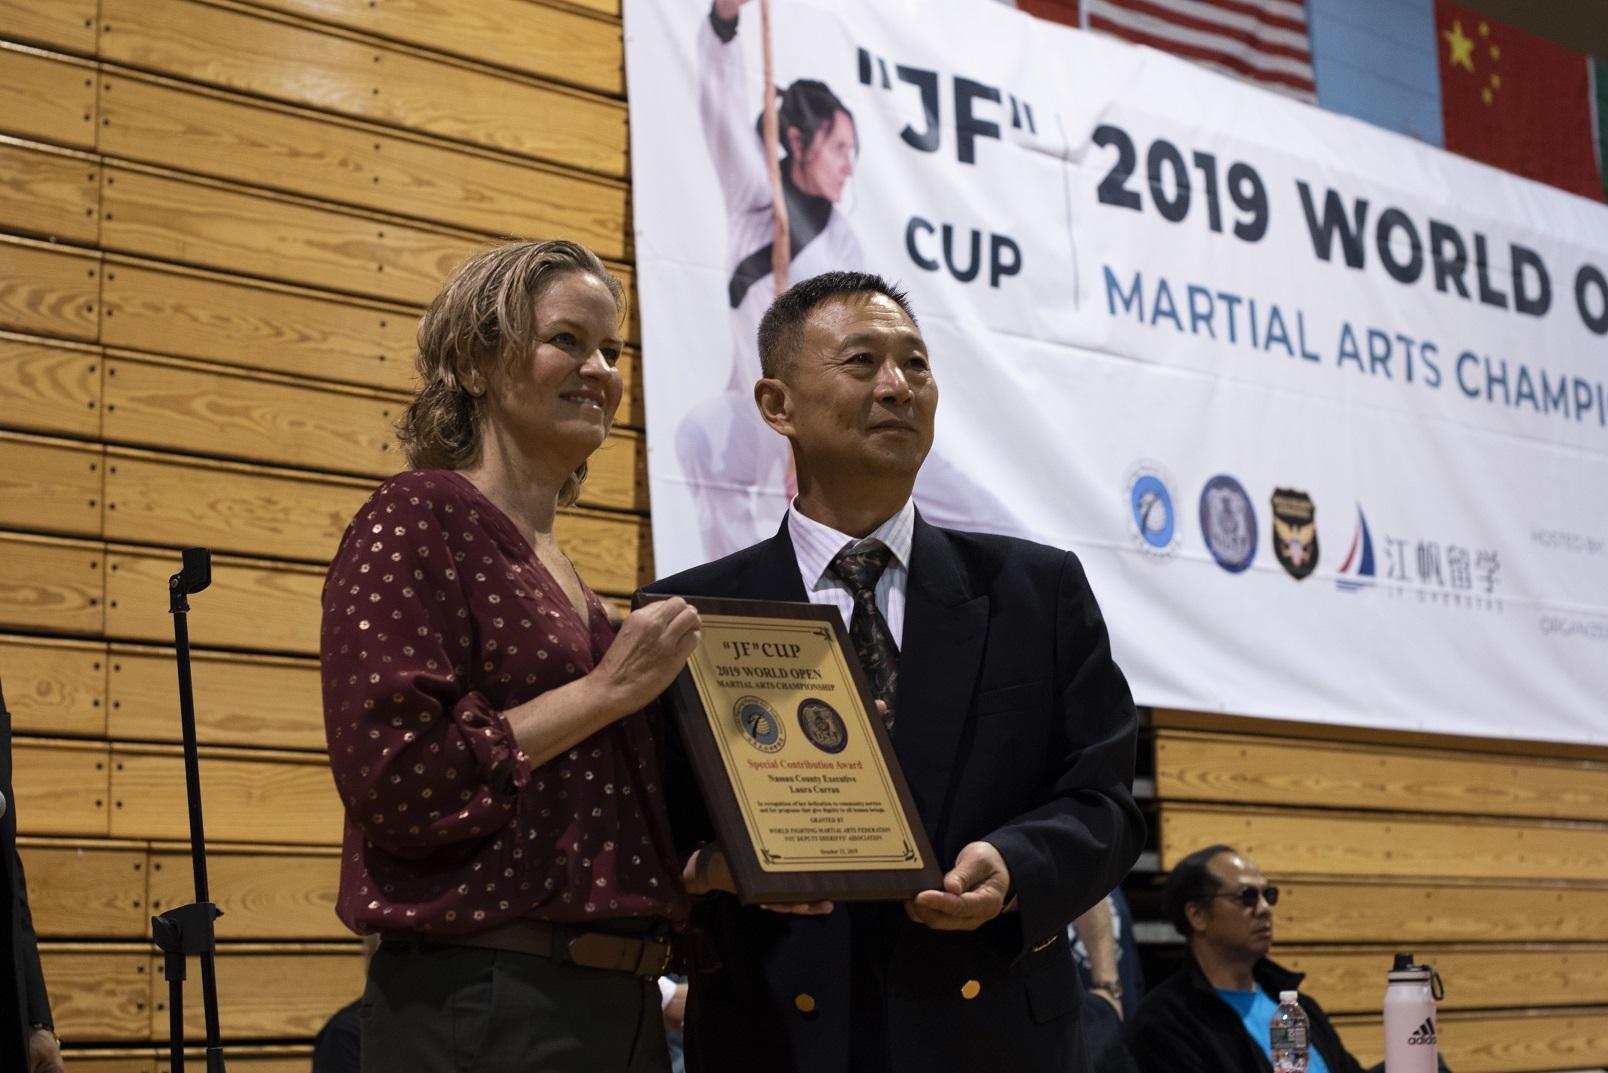 2019世界武术公开赛创始人Ted Gulong教授为Nassau County郡长Laura Curran女士颁发特殊贡献奖